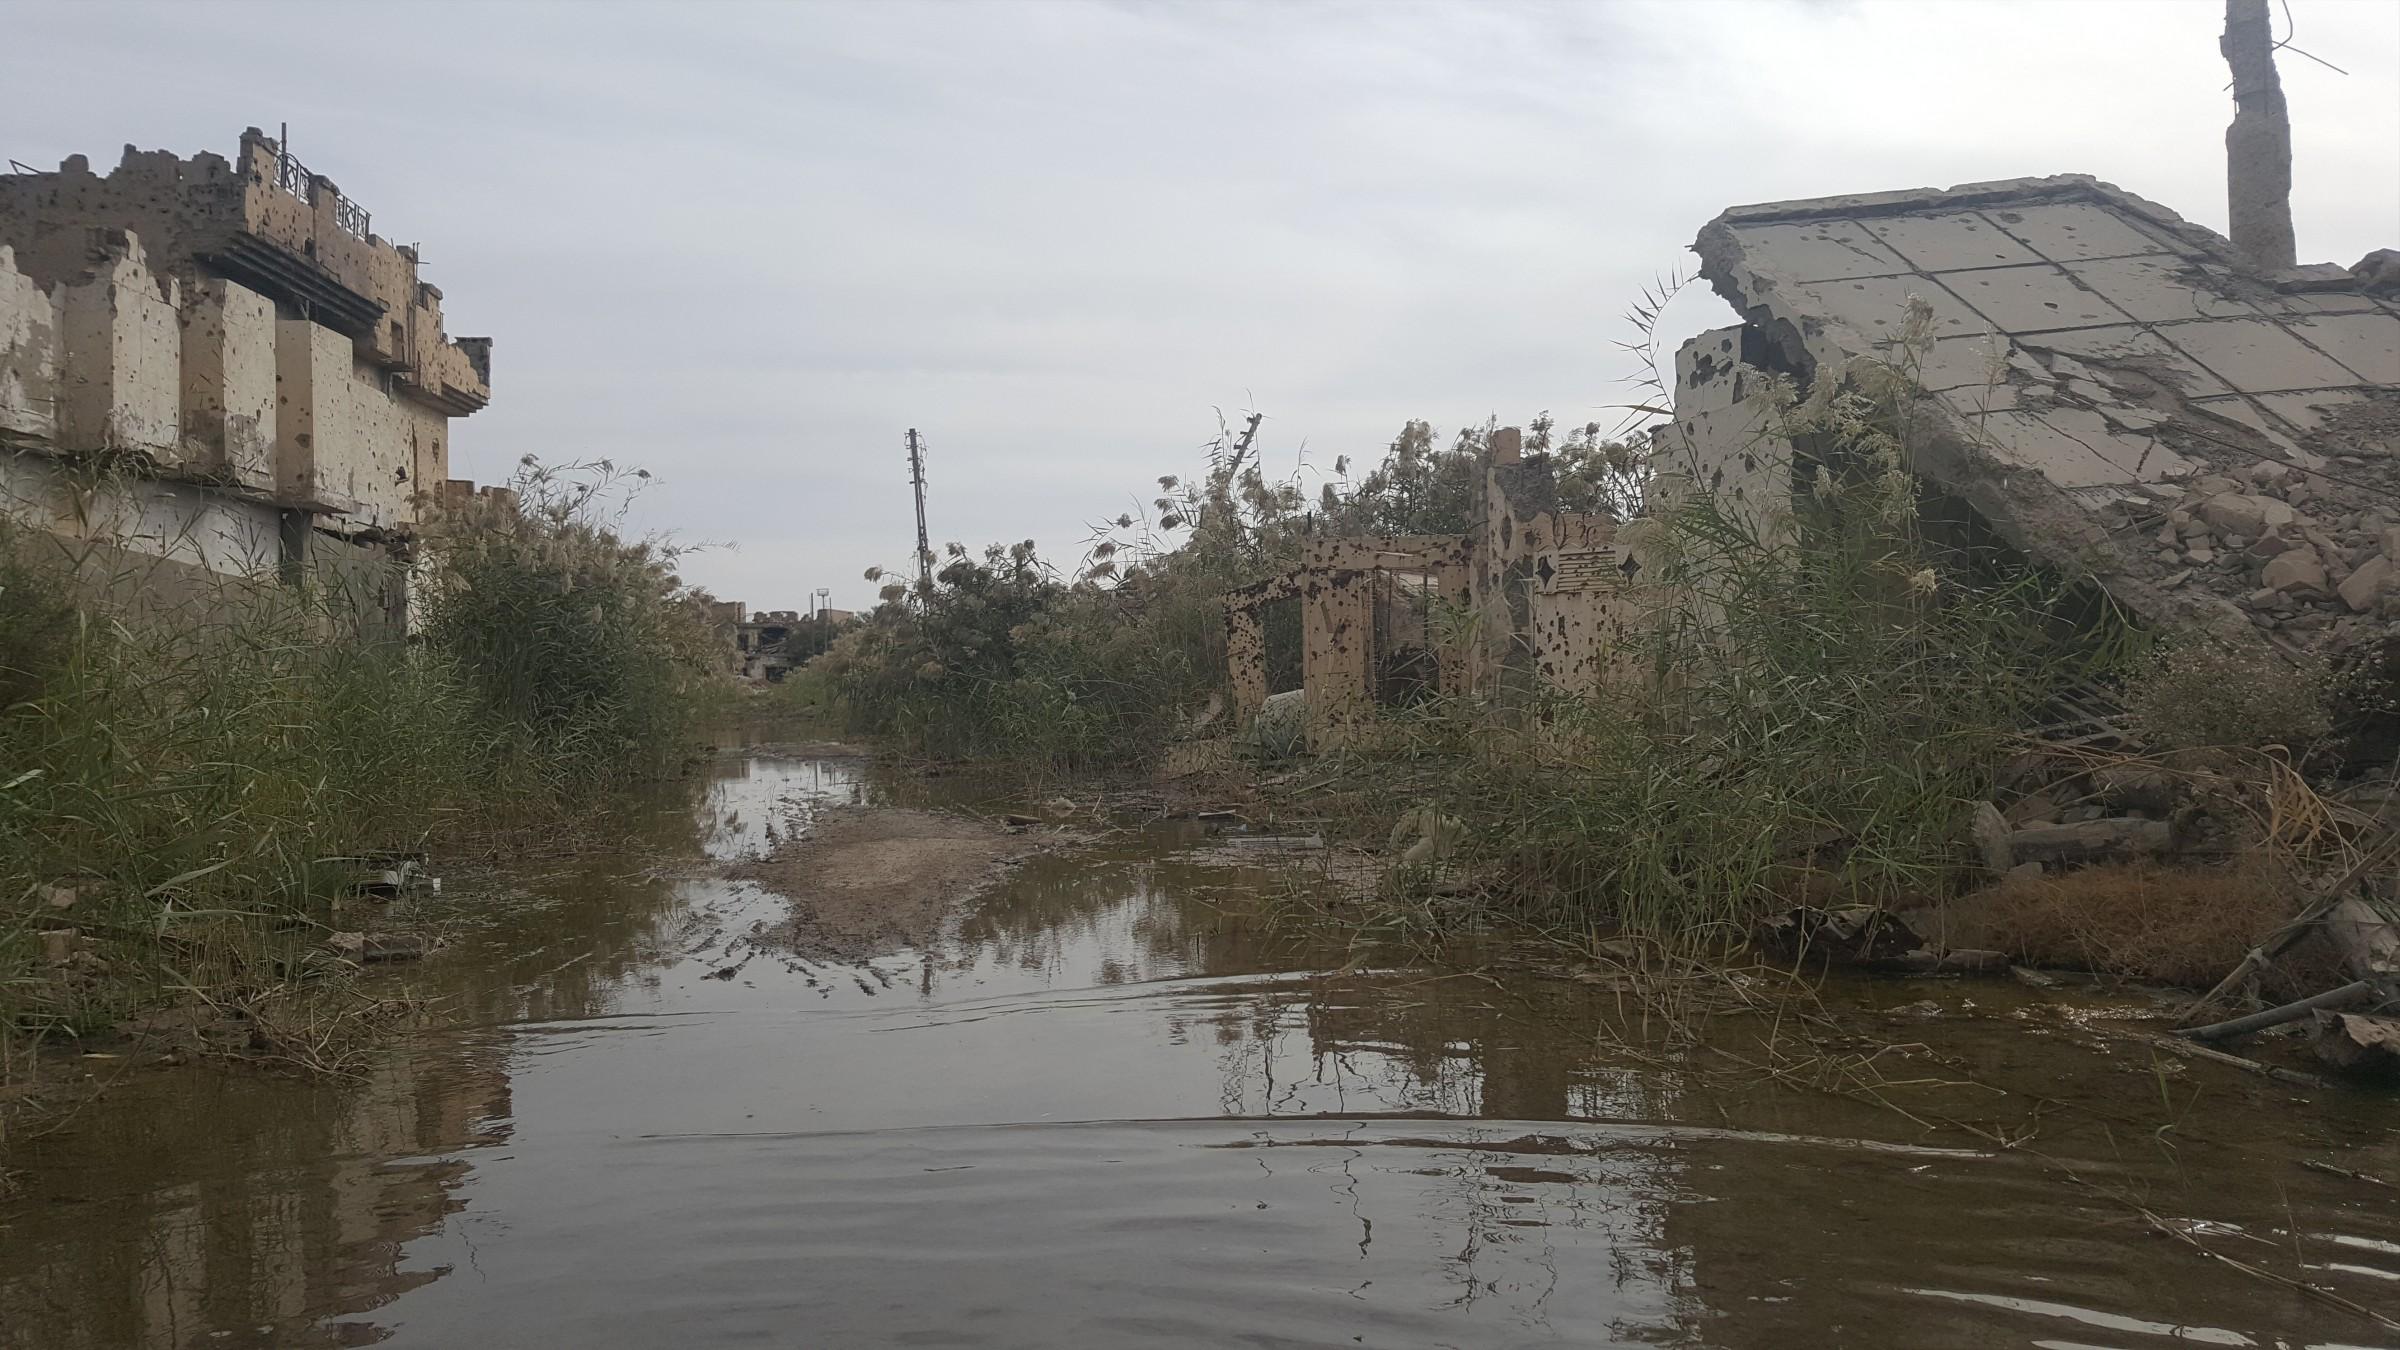 الانبار.. أكثر من 6 آلاف وحدة سكنية مدمرة بشكل كامل في الرمادي